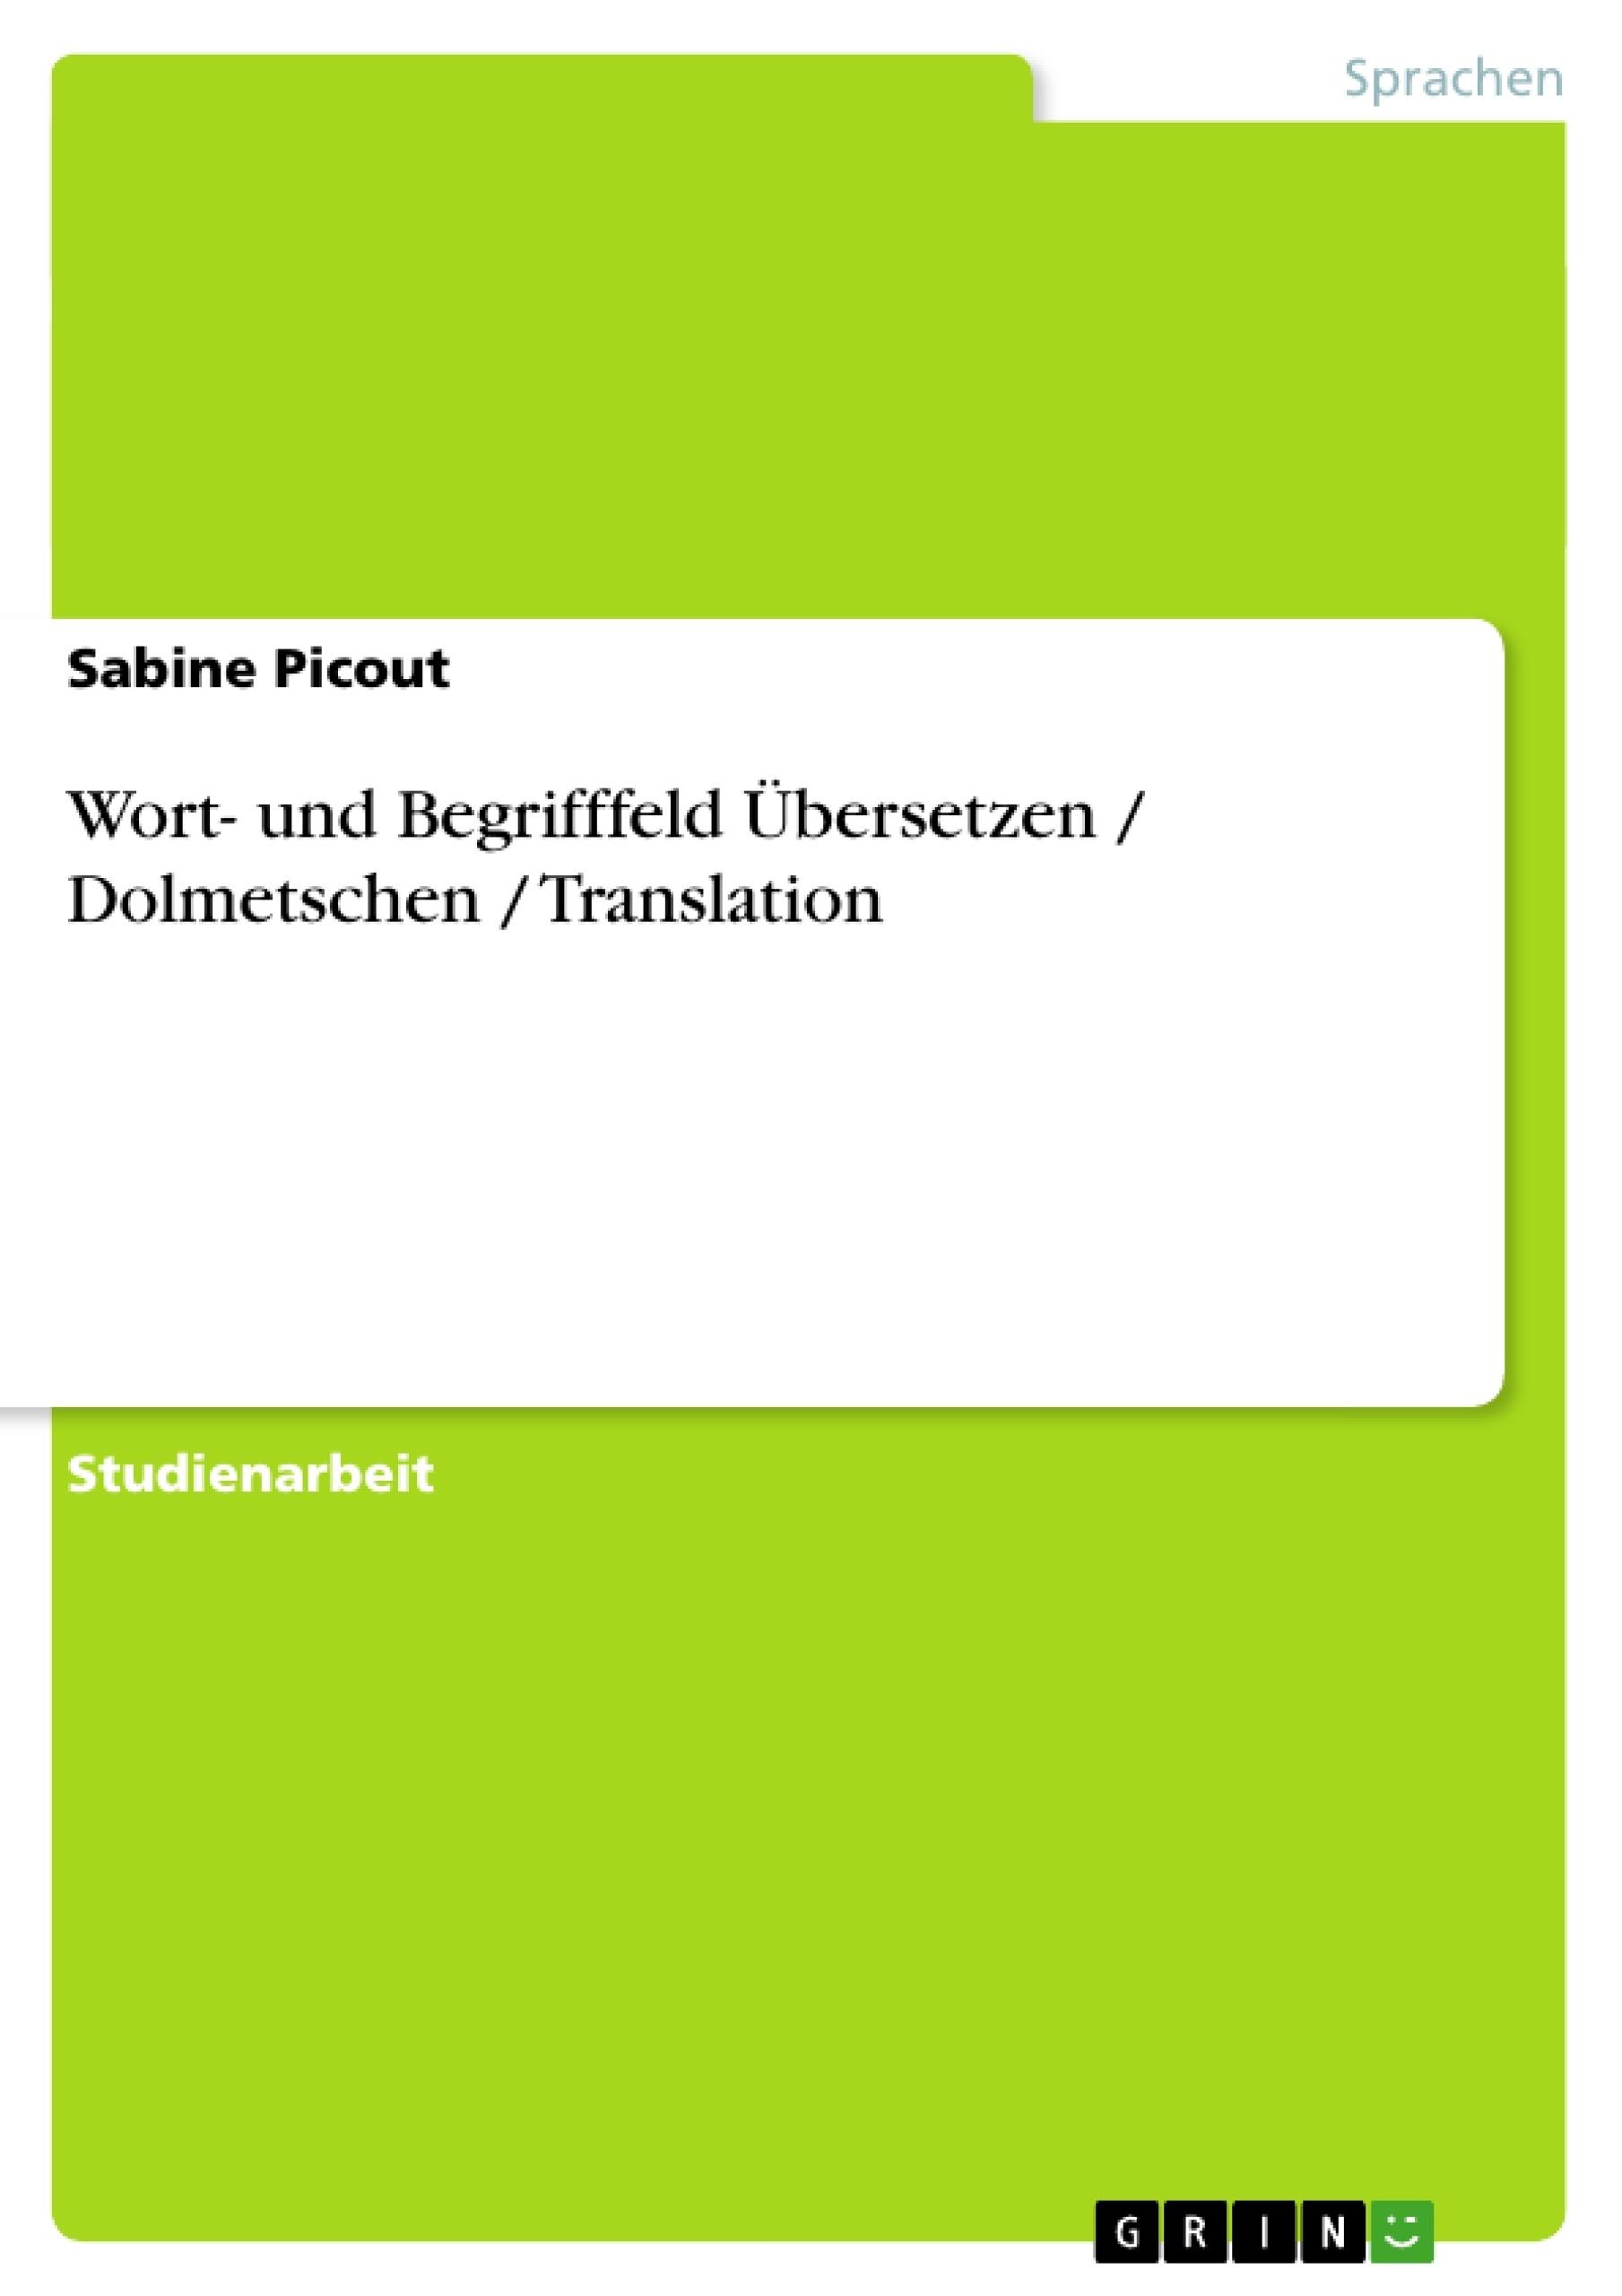 Titel: Wort- und Begrifffeld Übersetzen / Dolmetschen / Translation